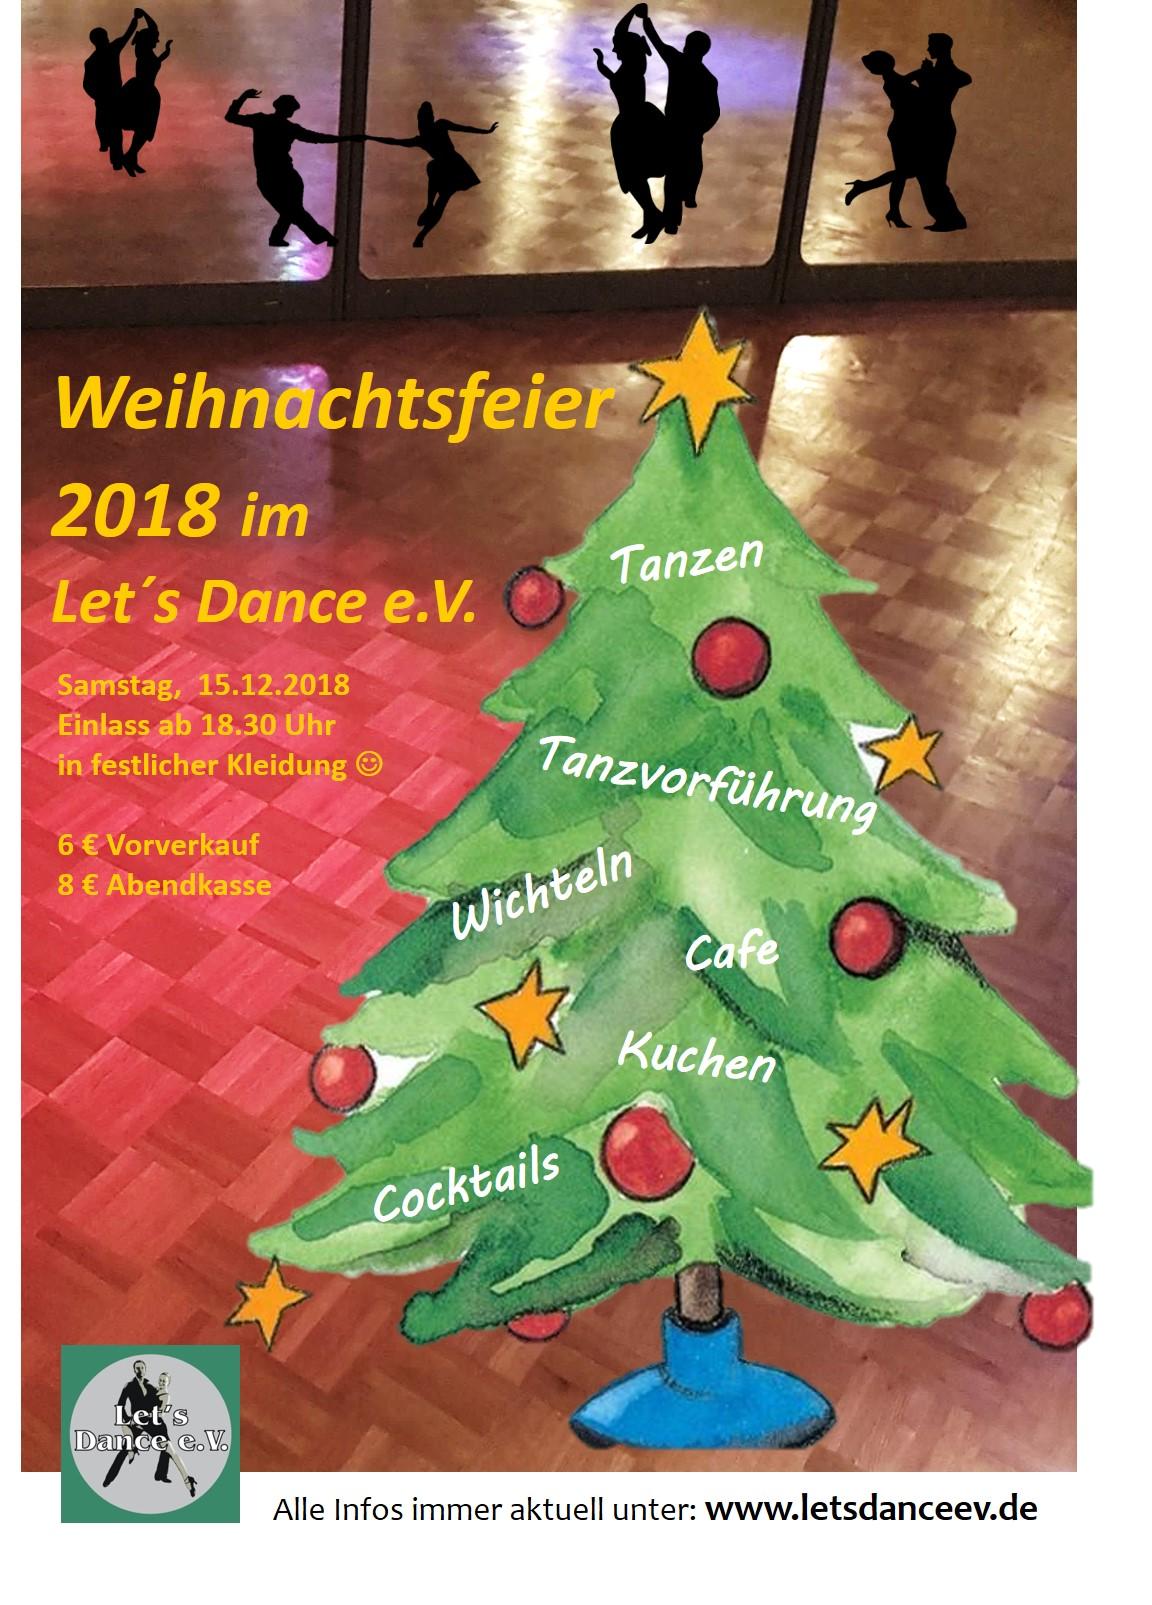 Weihnachtsfeier In Braunschweig.Weihnachtsfeier Im Let S Dance E V